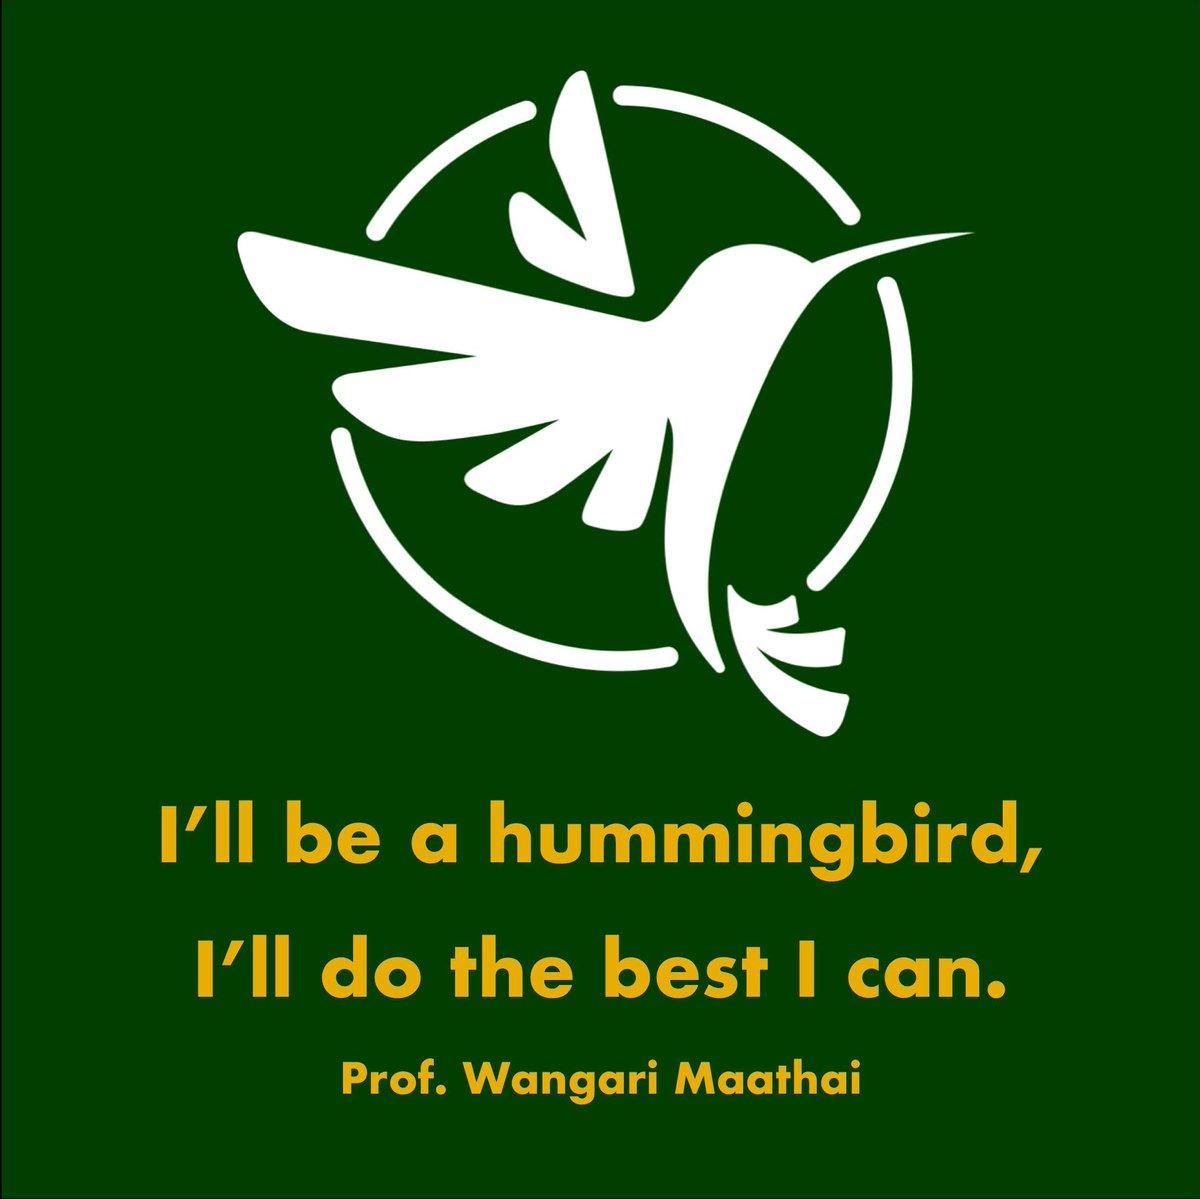 '...I will do the best I can.' #IAmAHummingbird